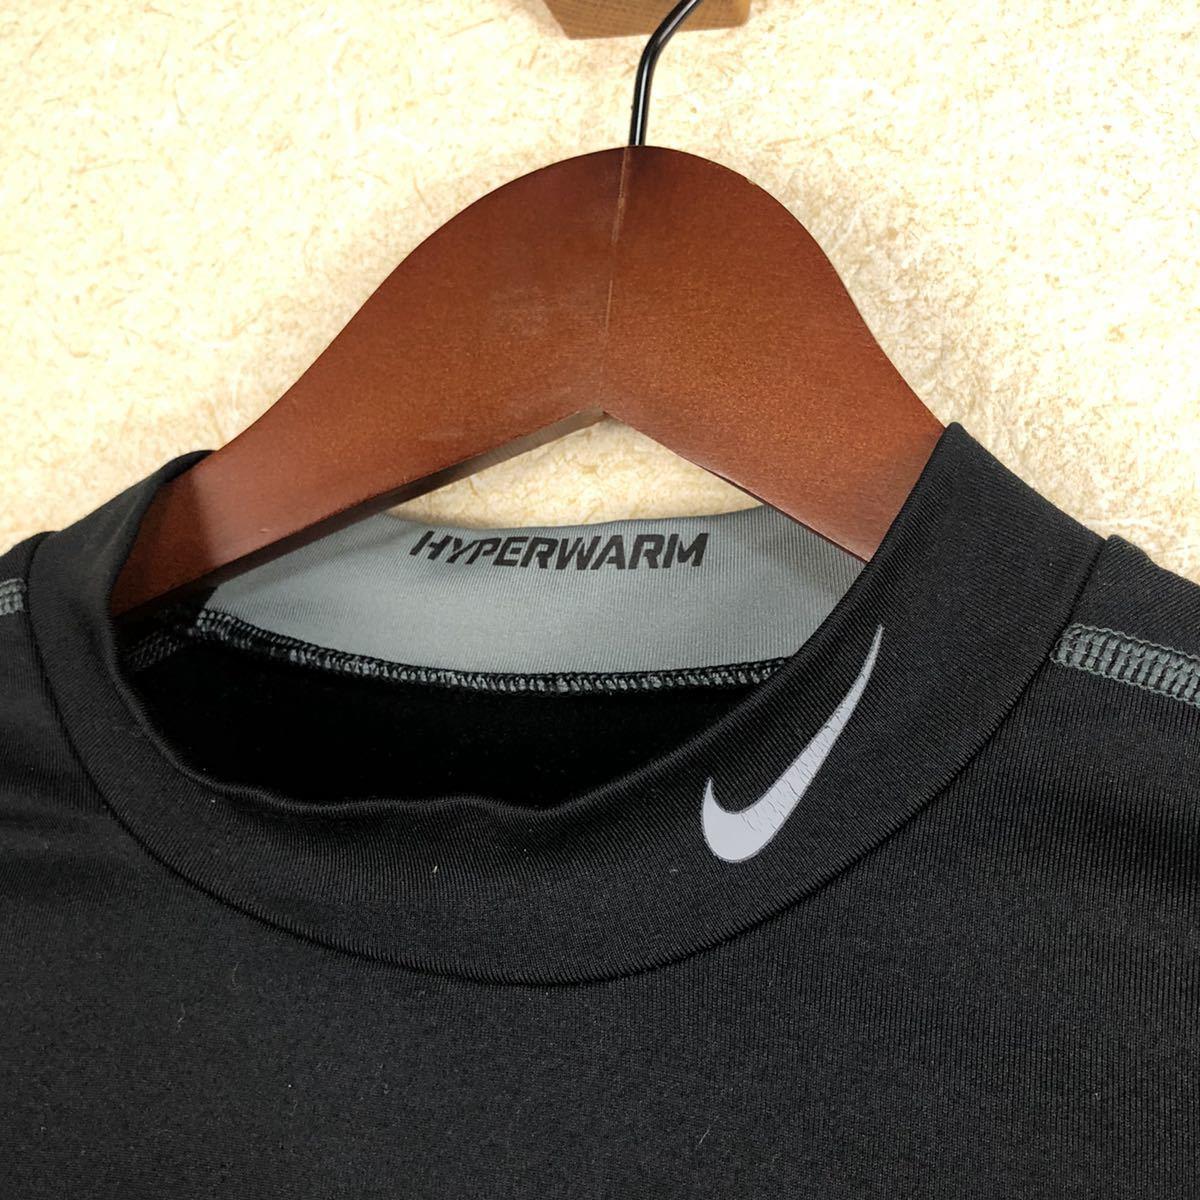 [送料無料 即決 良好]ナイキ Nike PRO combat DRI-FIT compression 長袖Tシャツ コンプレッション ウェアー L インナーブラック 秋冬用